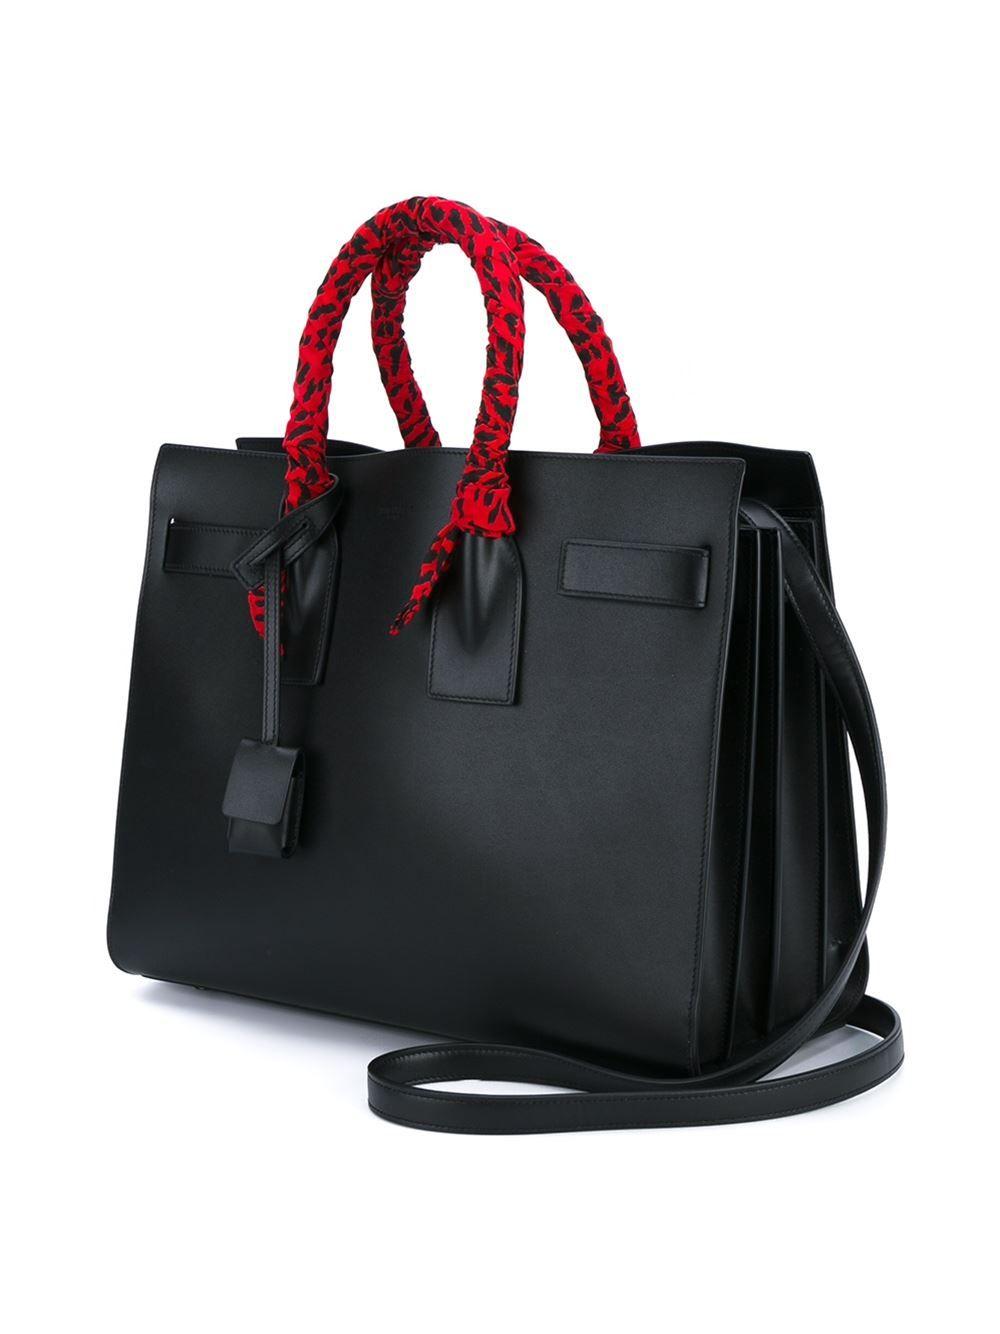 12eb1aaf5d47 Saint Laurent Small Sac De Jour Leather Tote Bag